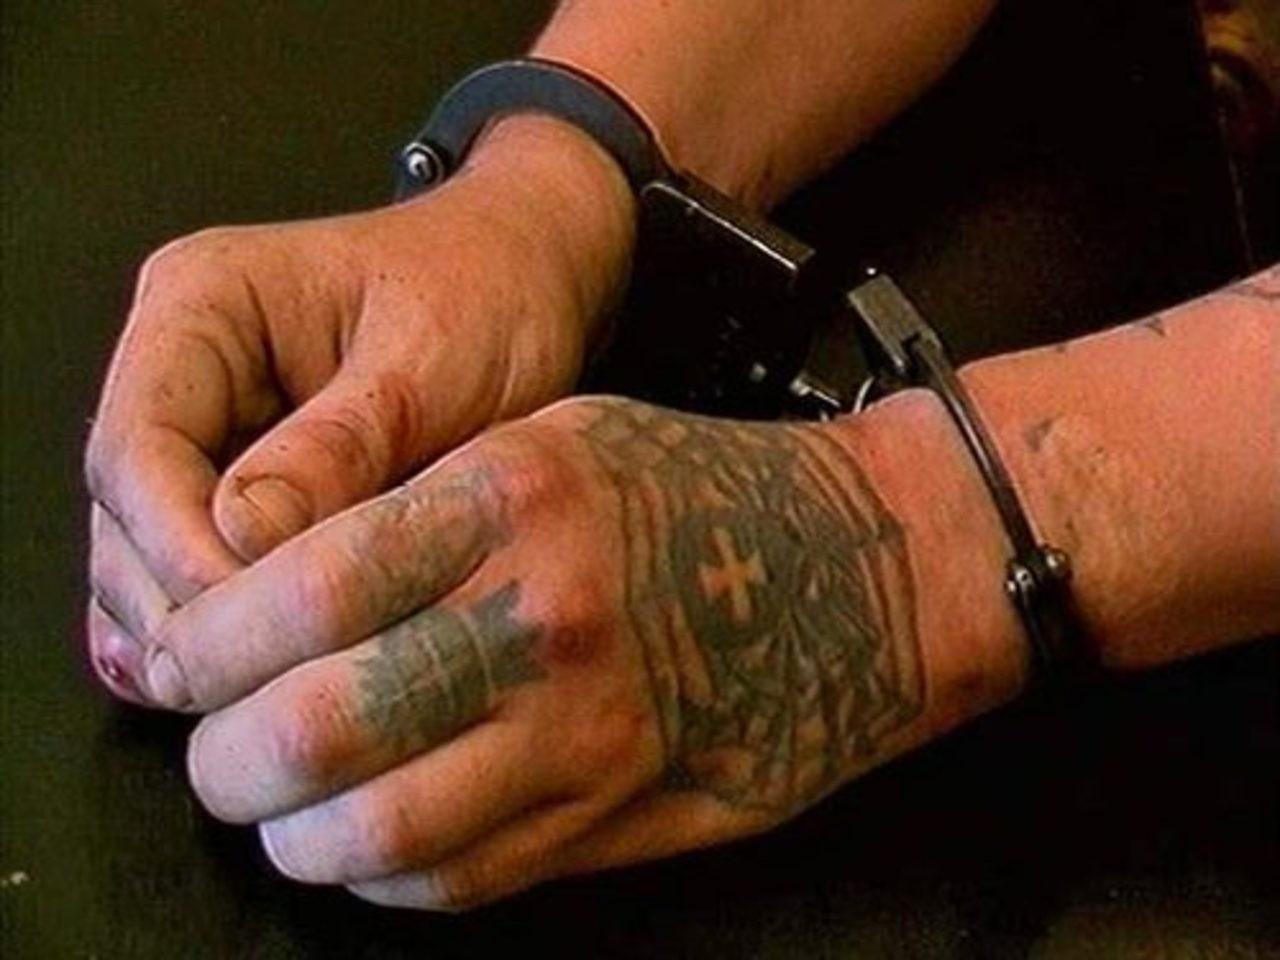 Милиция задержала в столицеРФ уголовного авторитета Васю-бандита